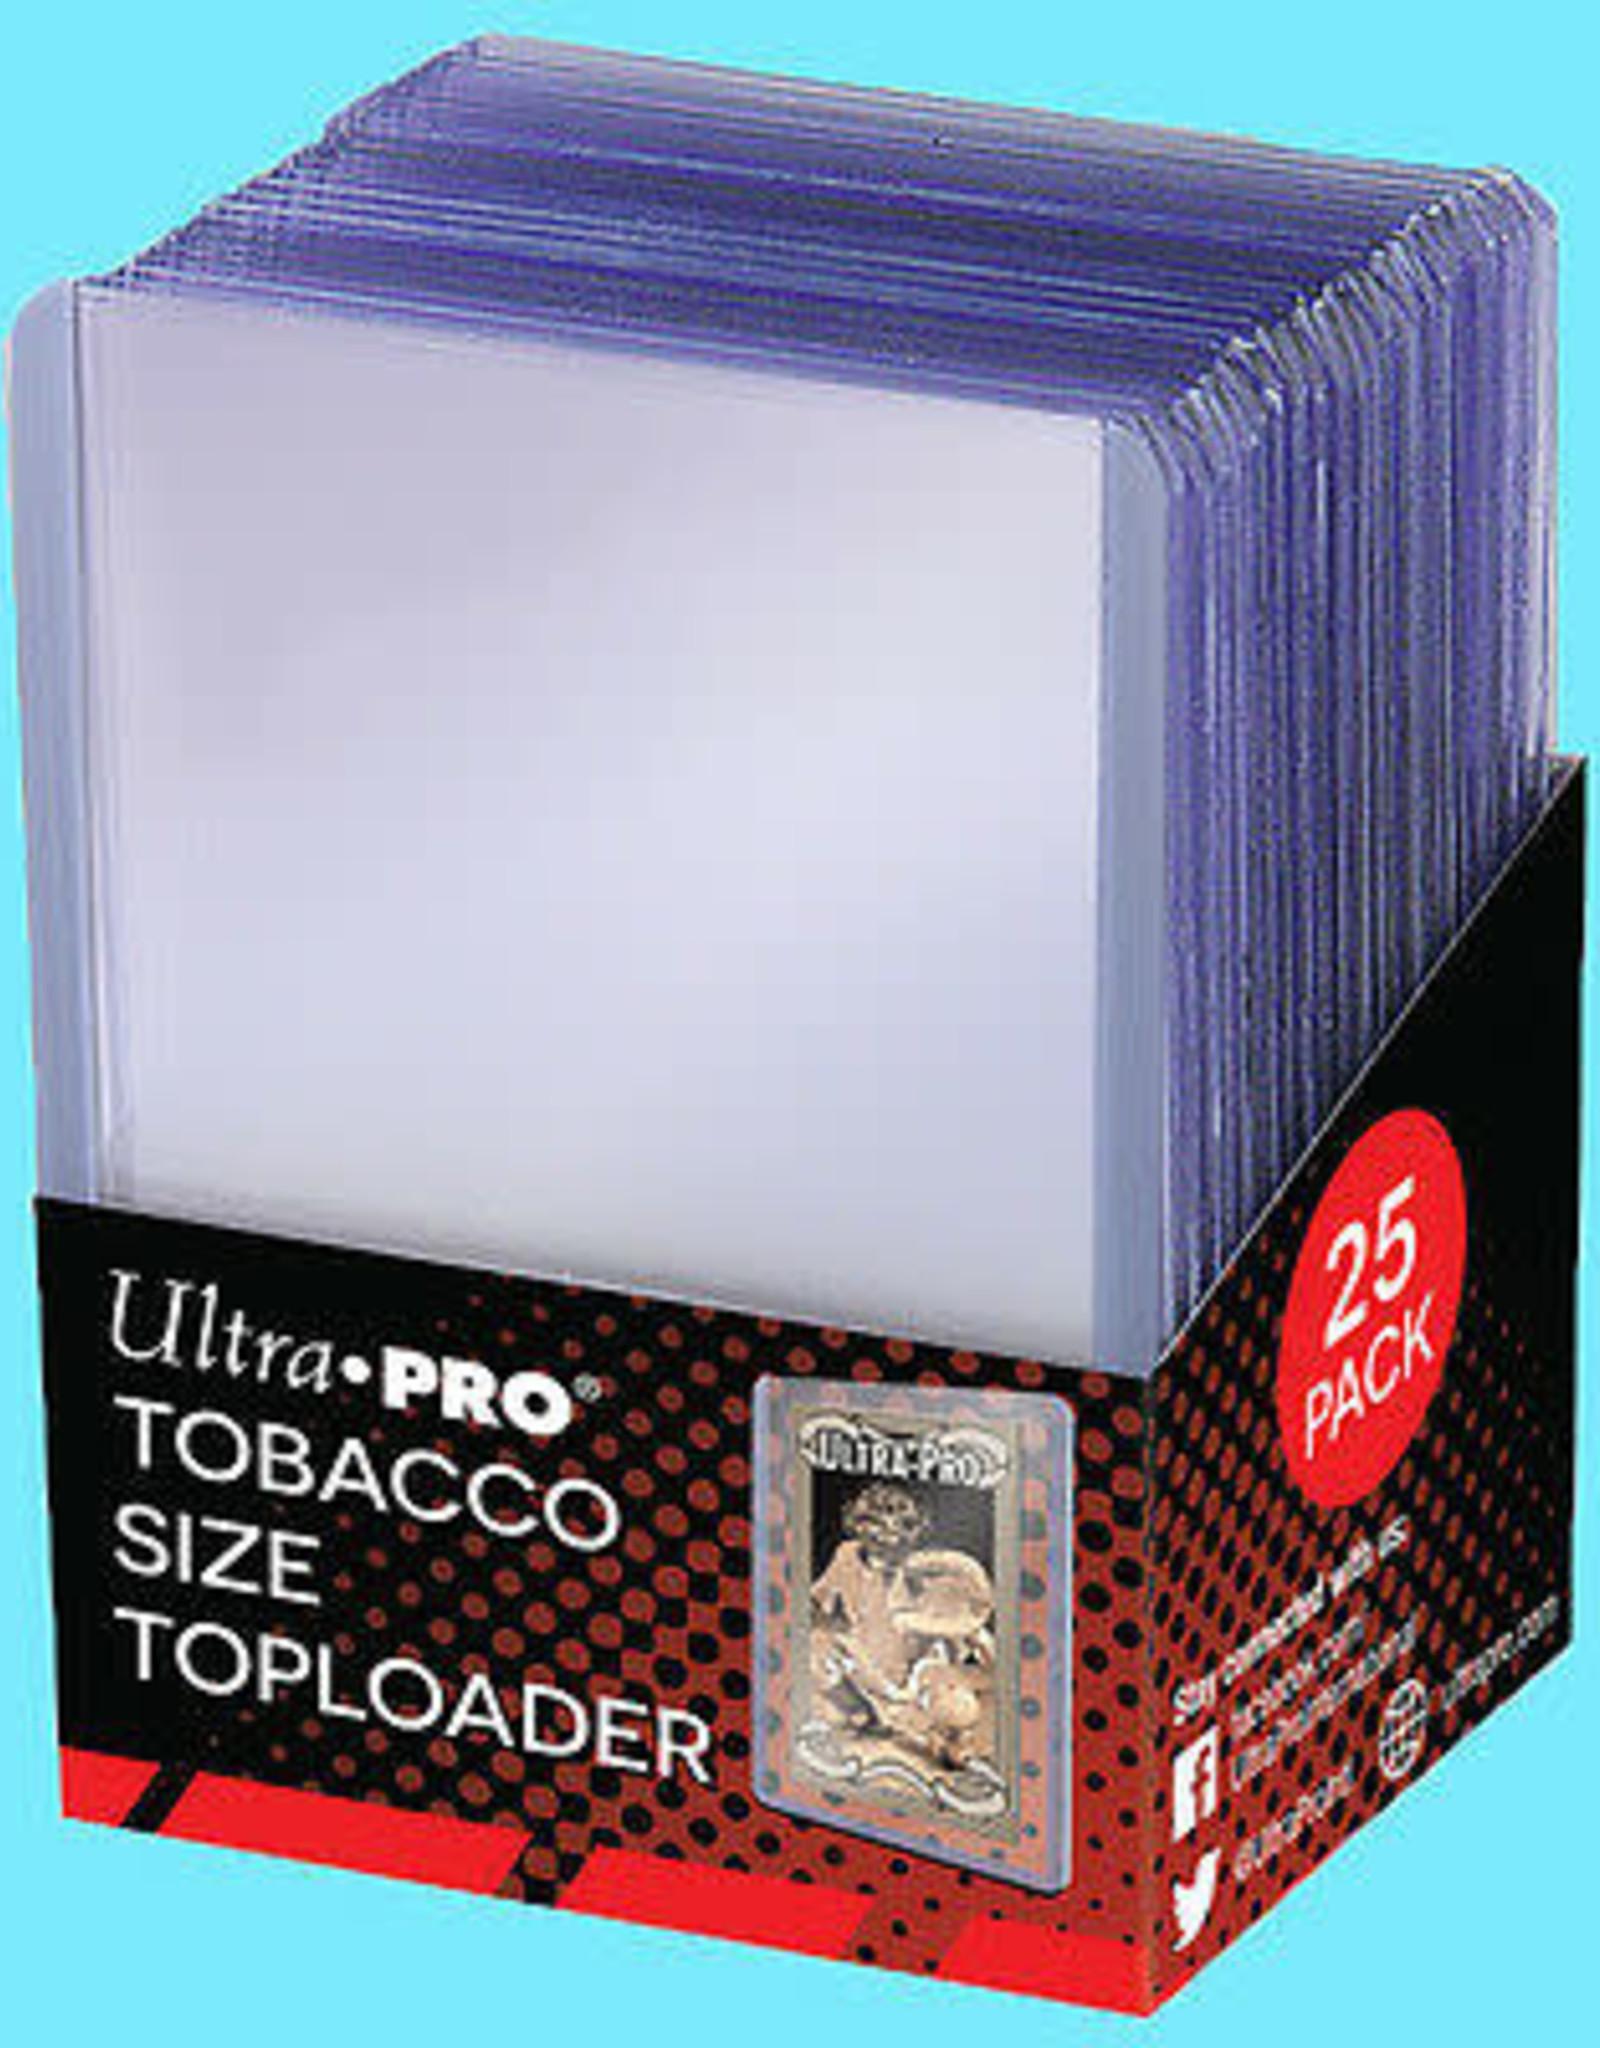 Tobacco Size Toploader